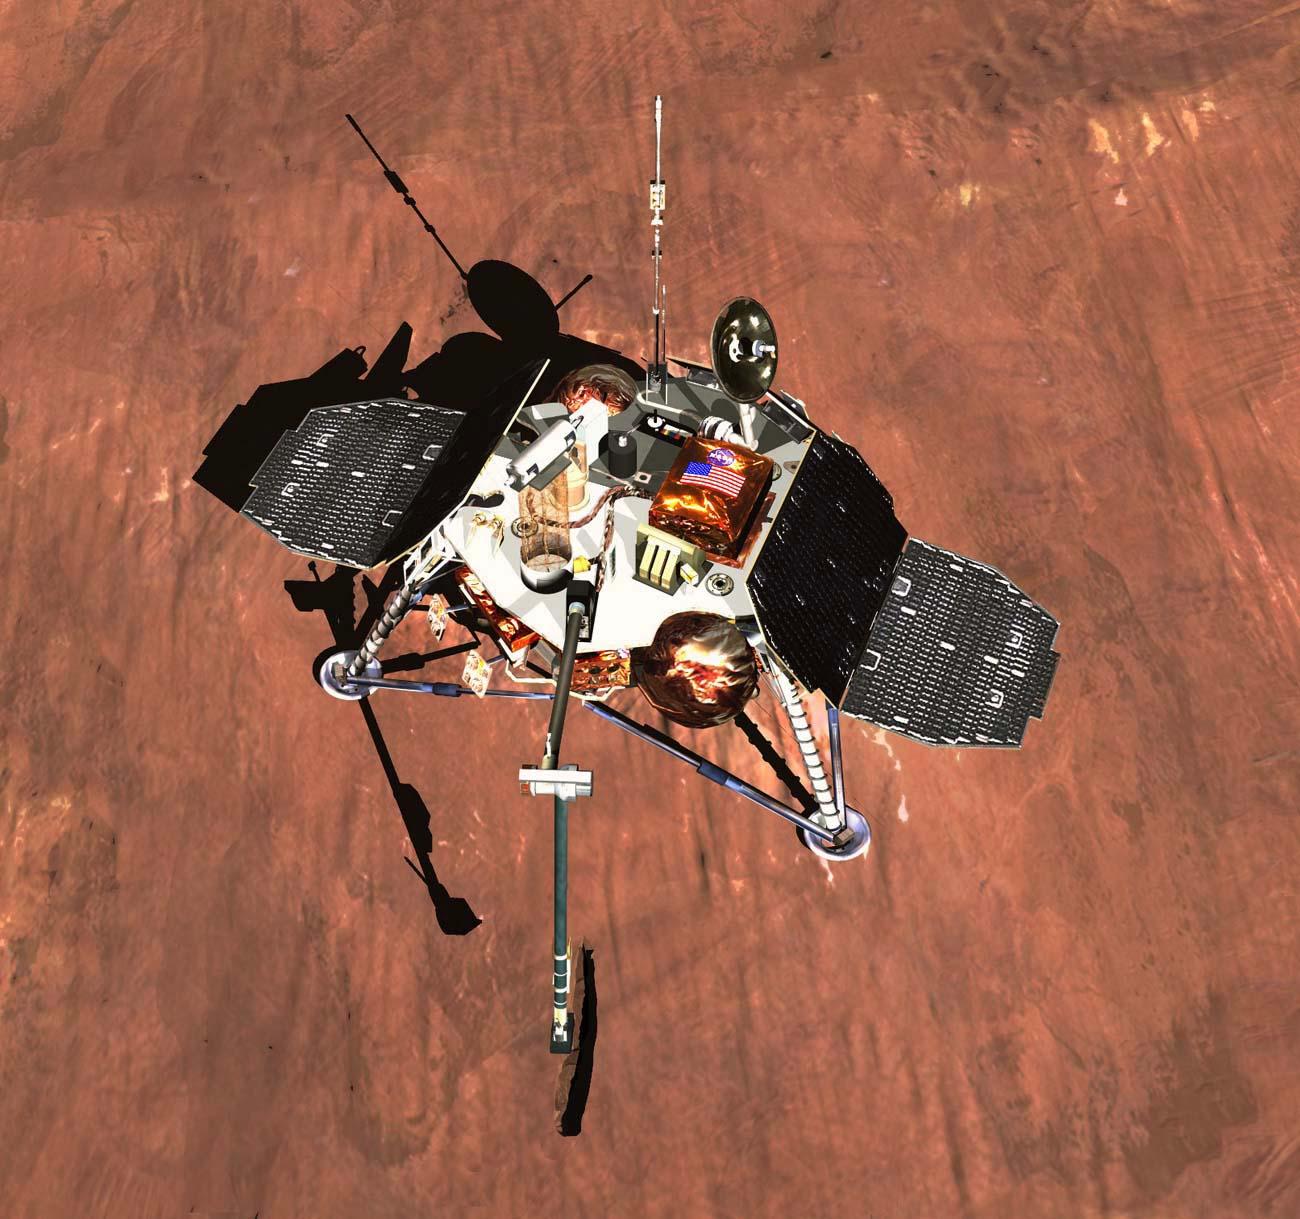 A mission of the mars polar lander